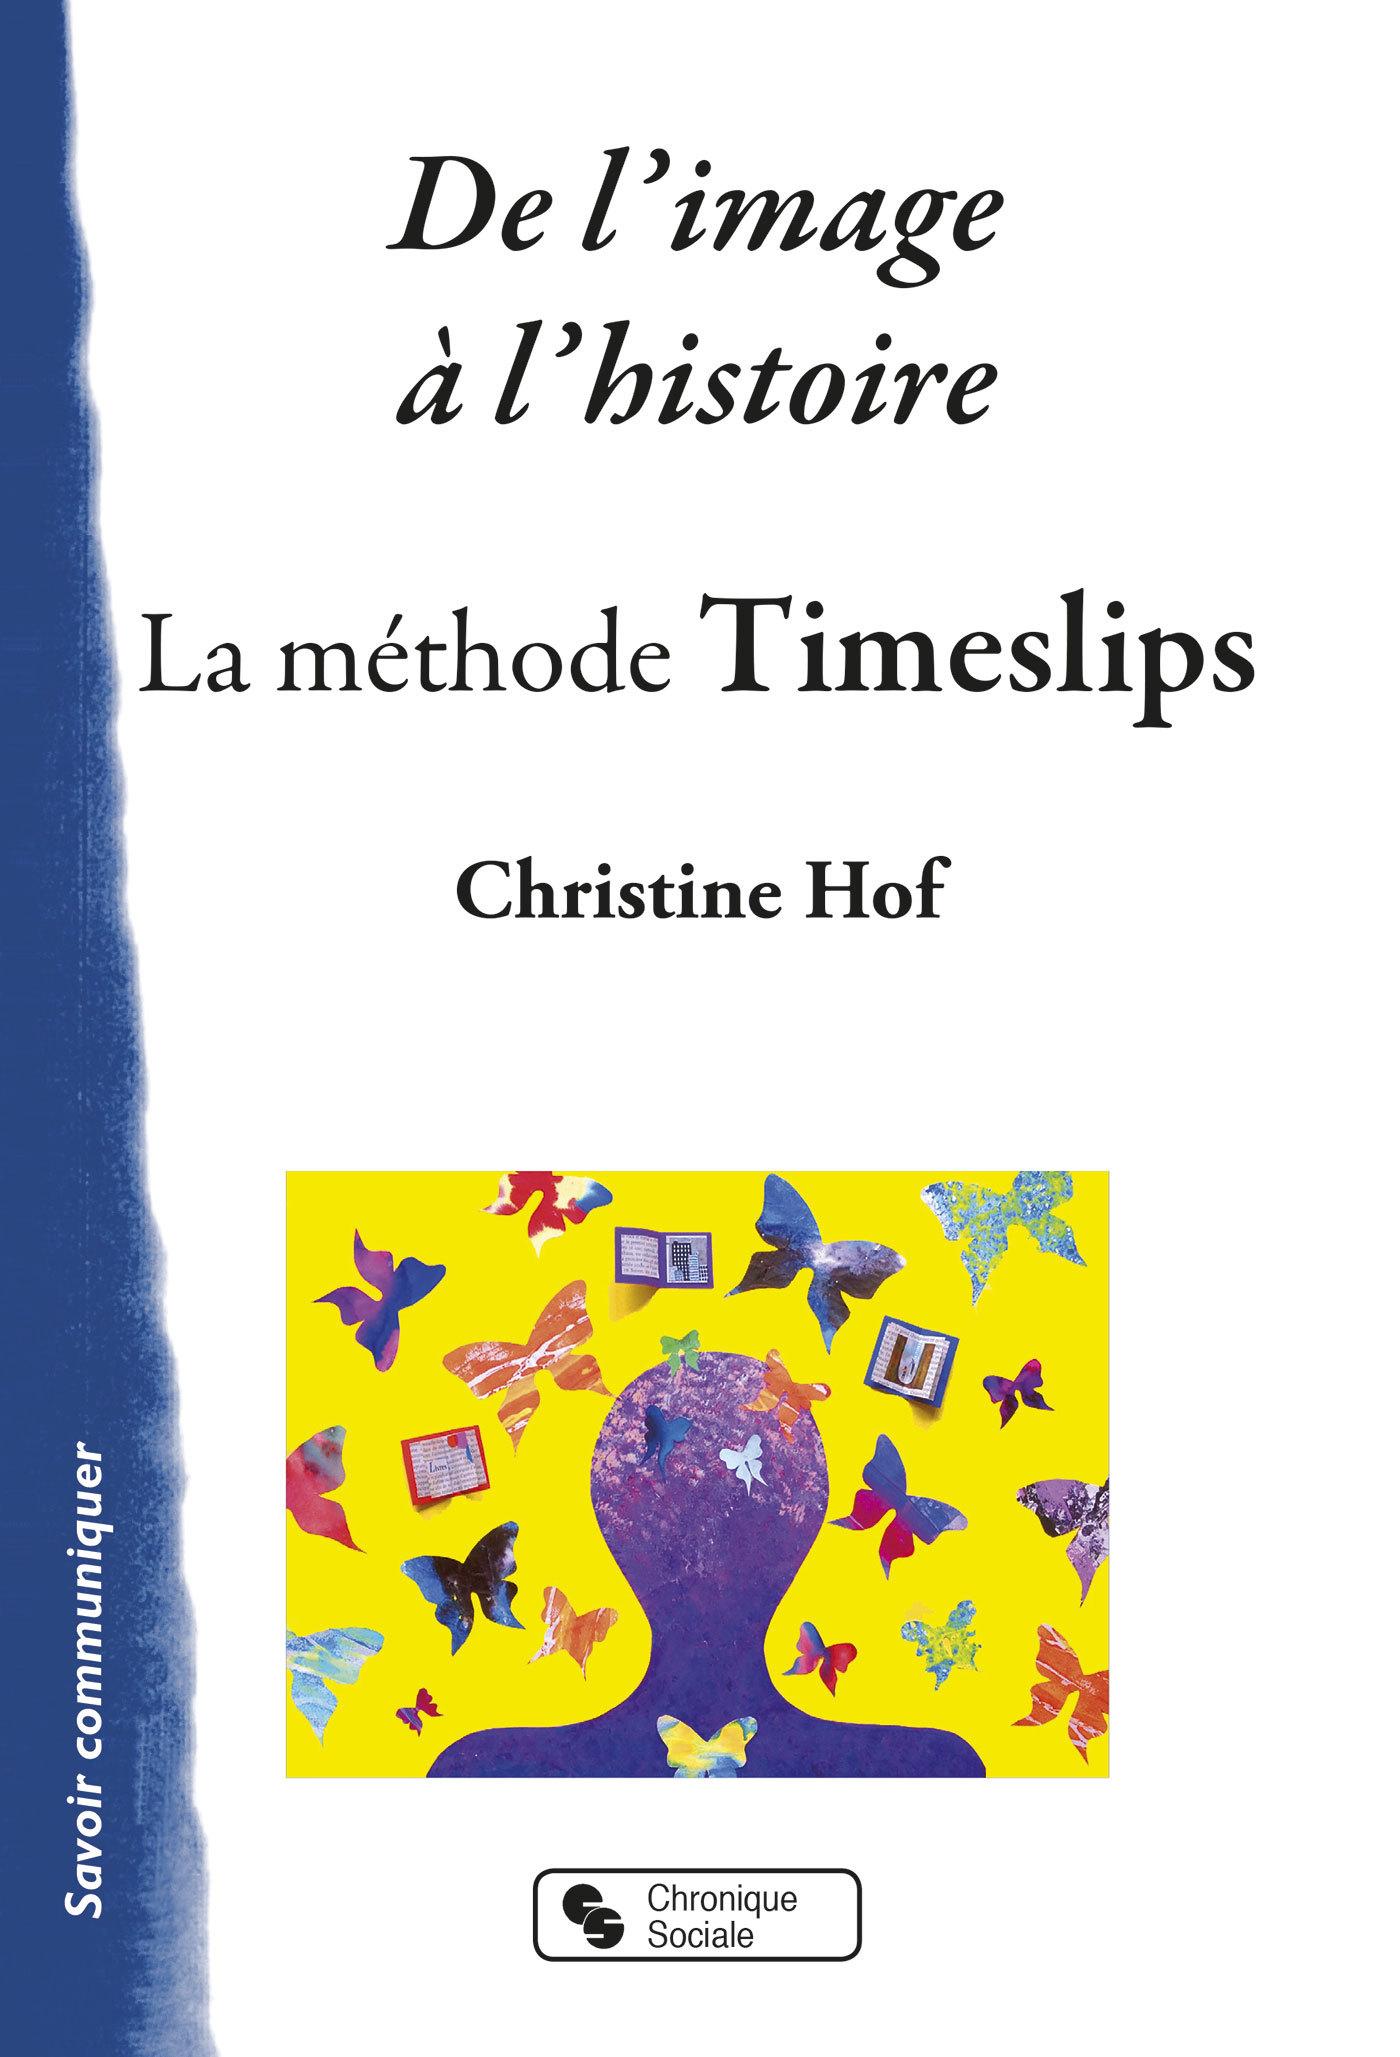 DE L'IMAGE A L'HISTOIRE - LA METHODE TIMESLIPS